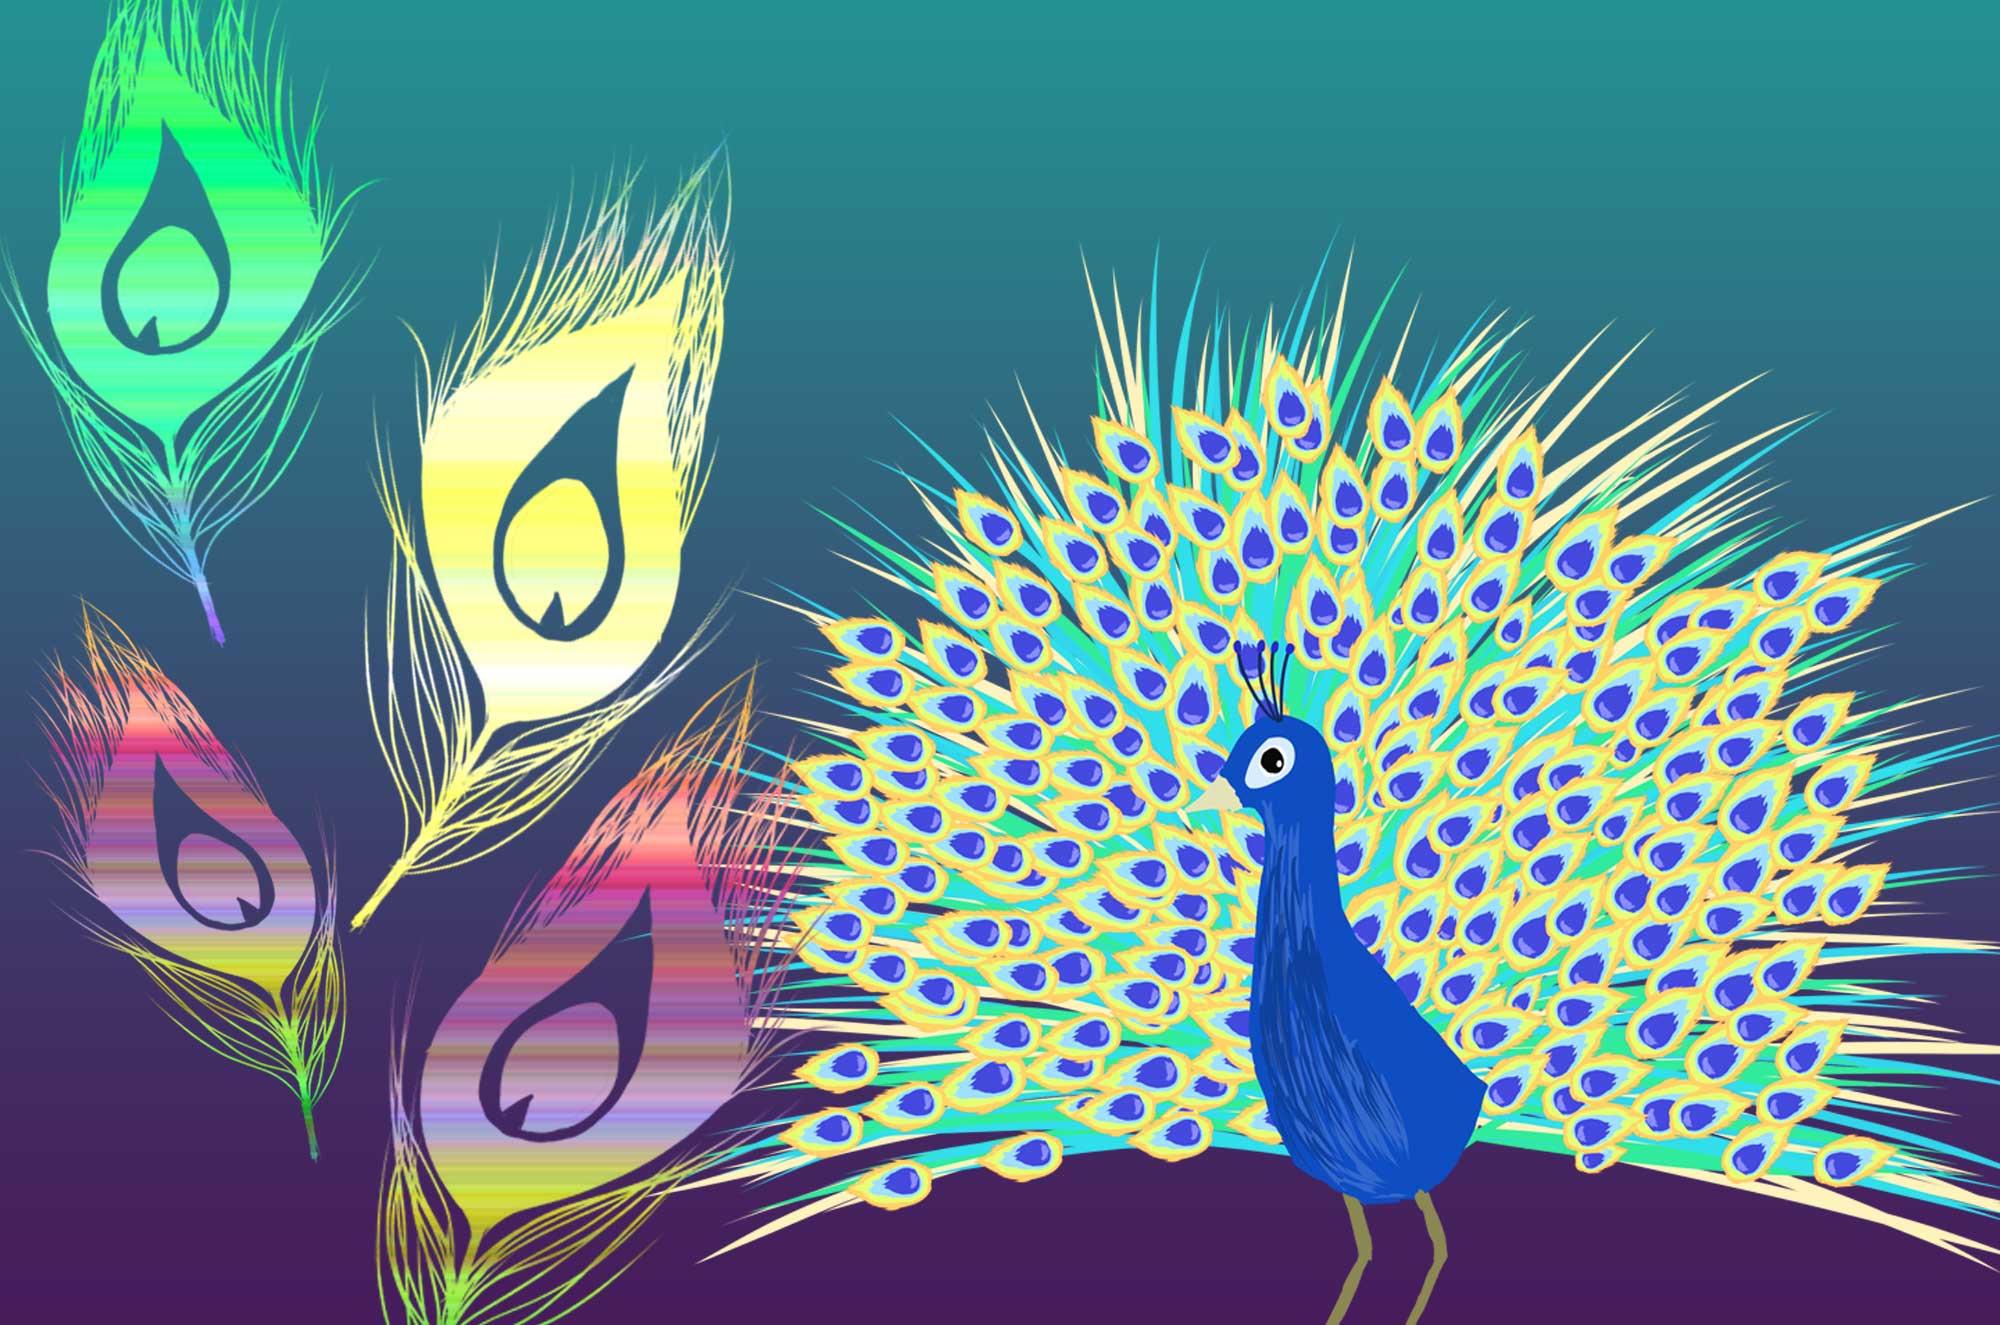 可愛い孔雀と綺麗な羽のシルエットのイラスト無料素材